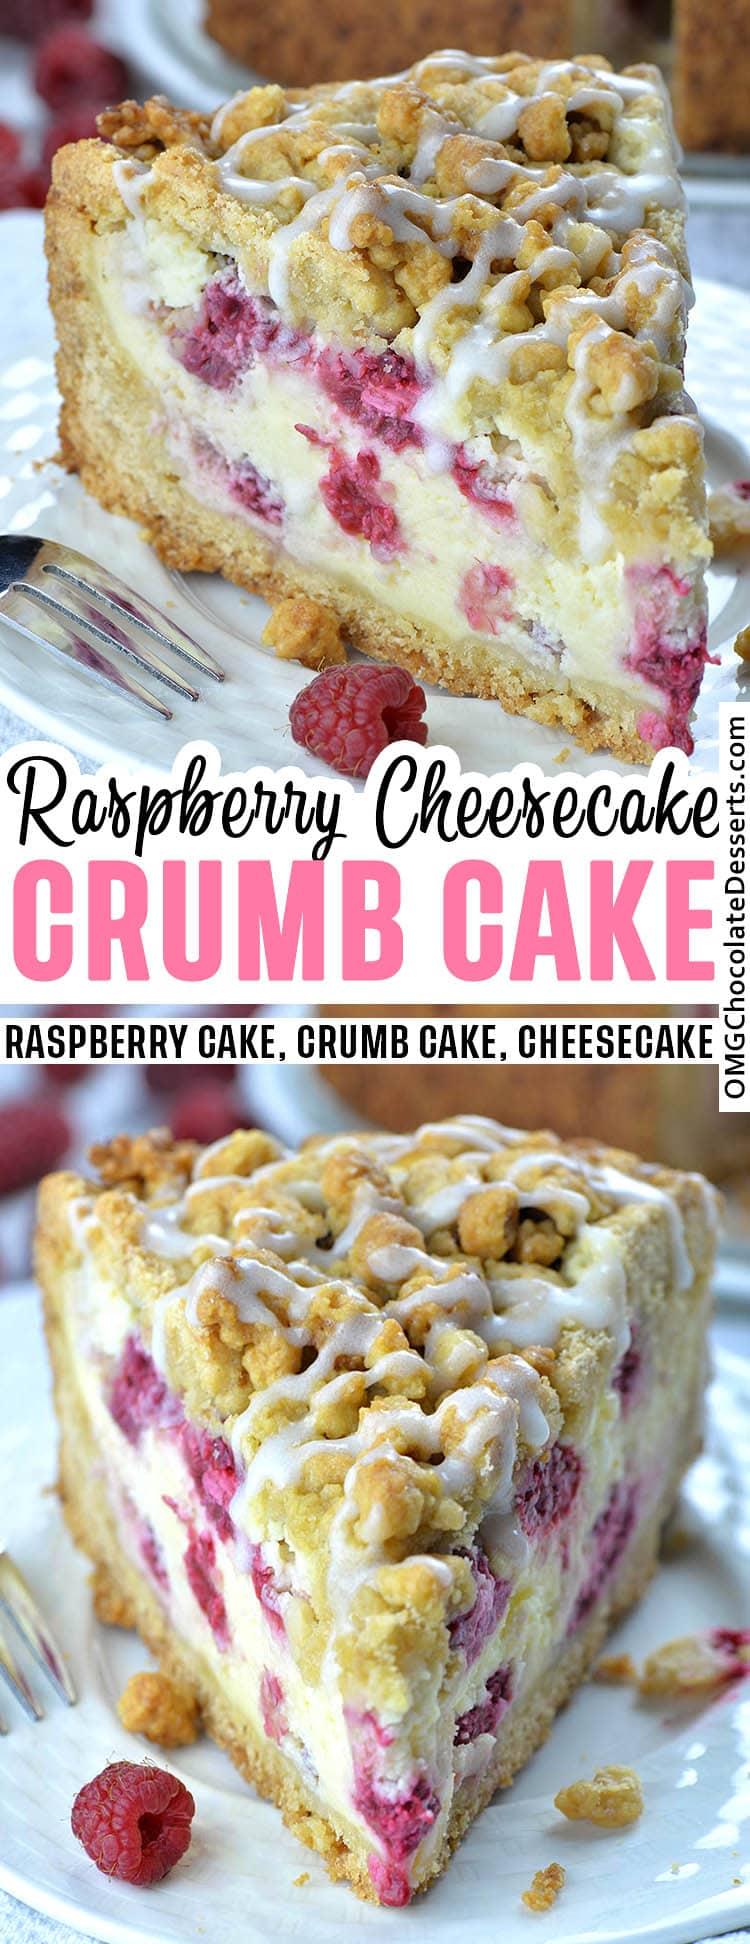 Raspberry Cream Cheese Crumb Cake